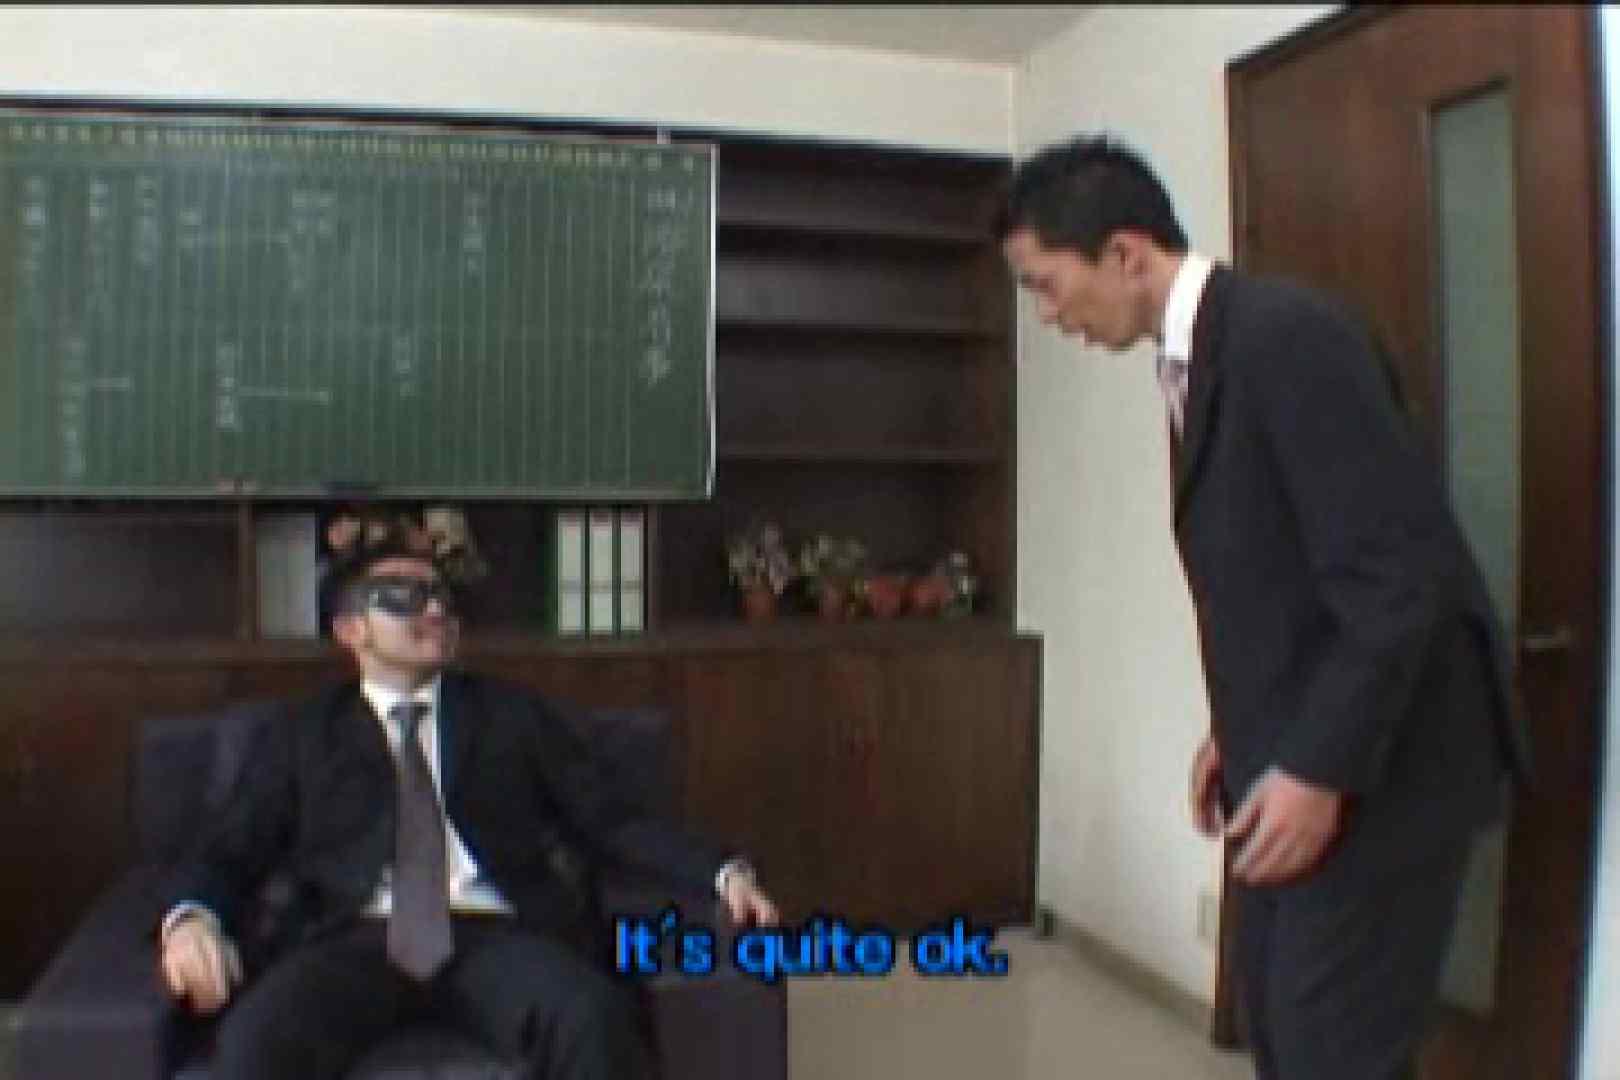 怒涛の集団攻撃!!vol.01 縛グッズプレイ   フェラ天国 ゲイAV画像 66pic 1